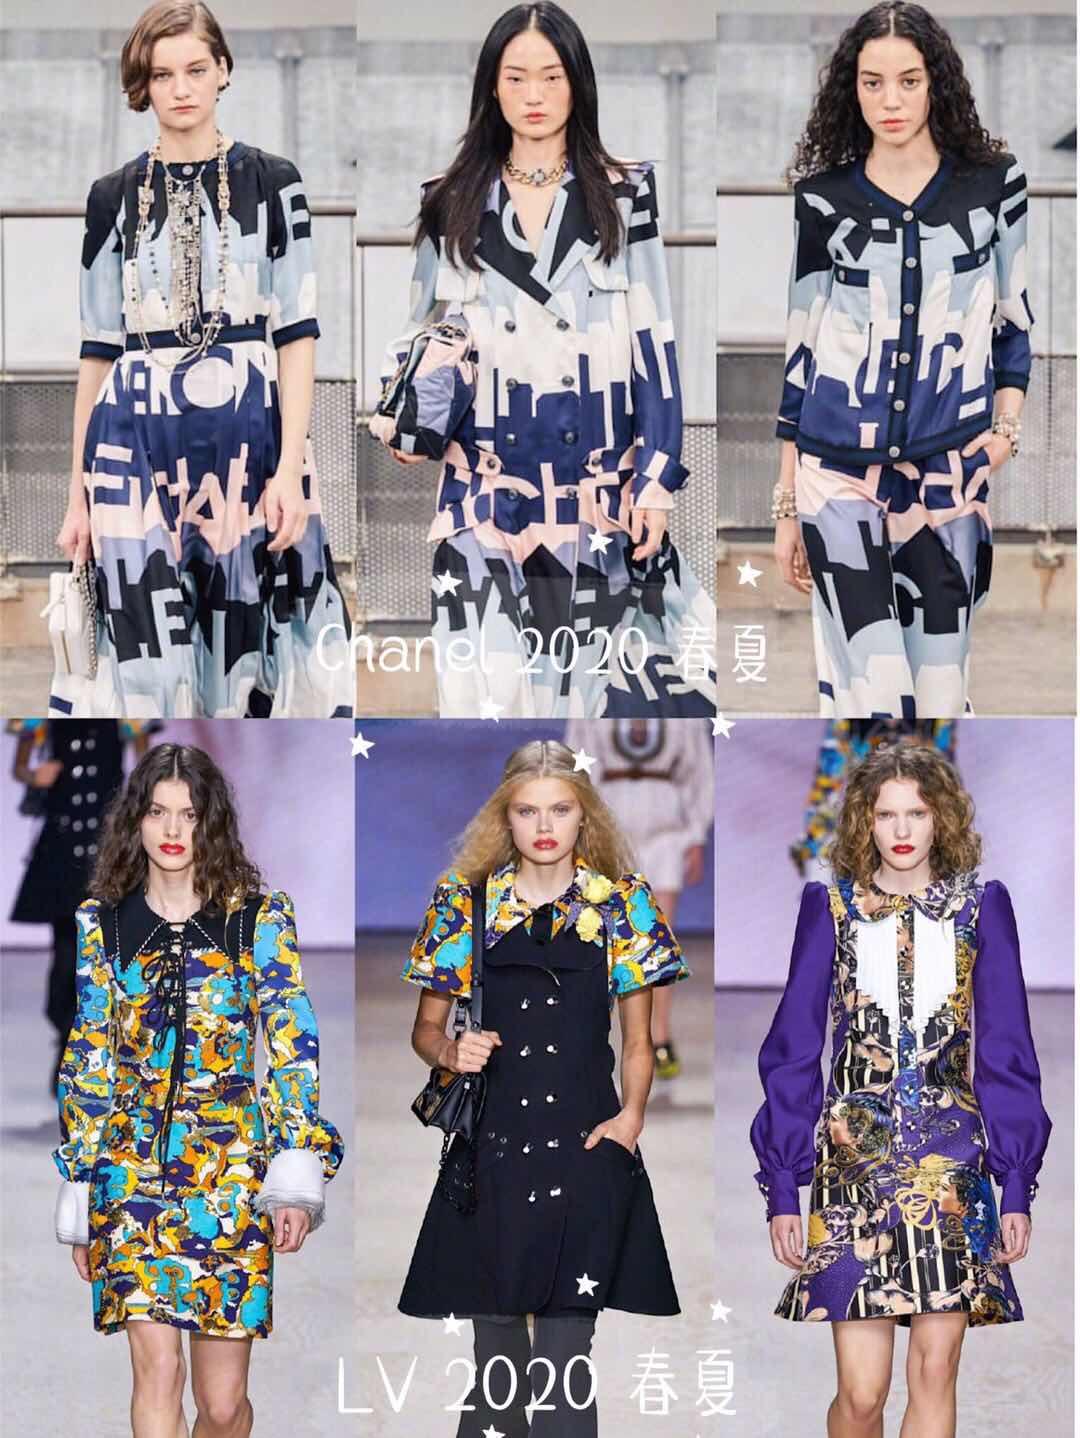 被时尚圈所青睐的波普艺术是什么?波普风格服装又该如何搭配?